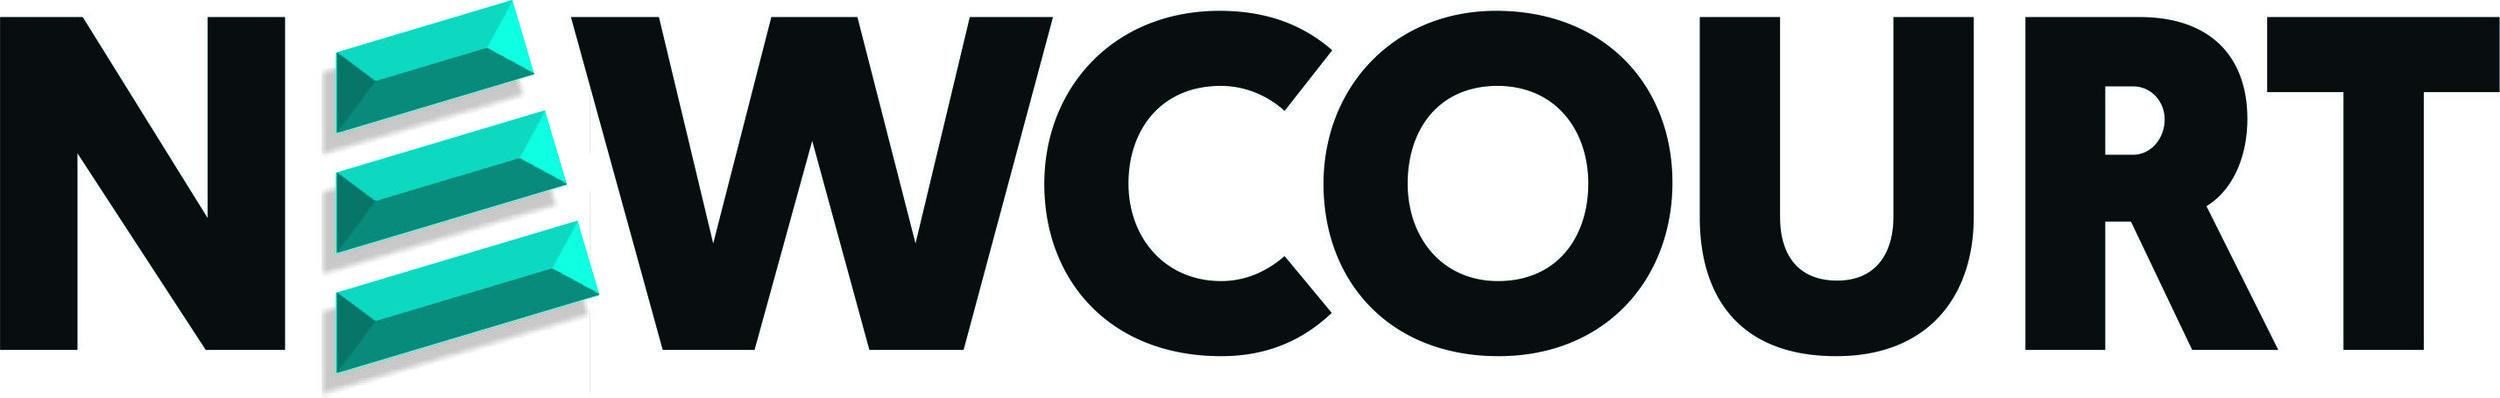 newcourt logo v1.jpg